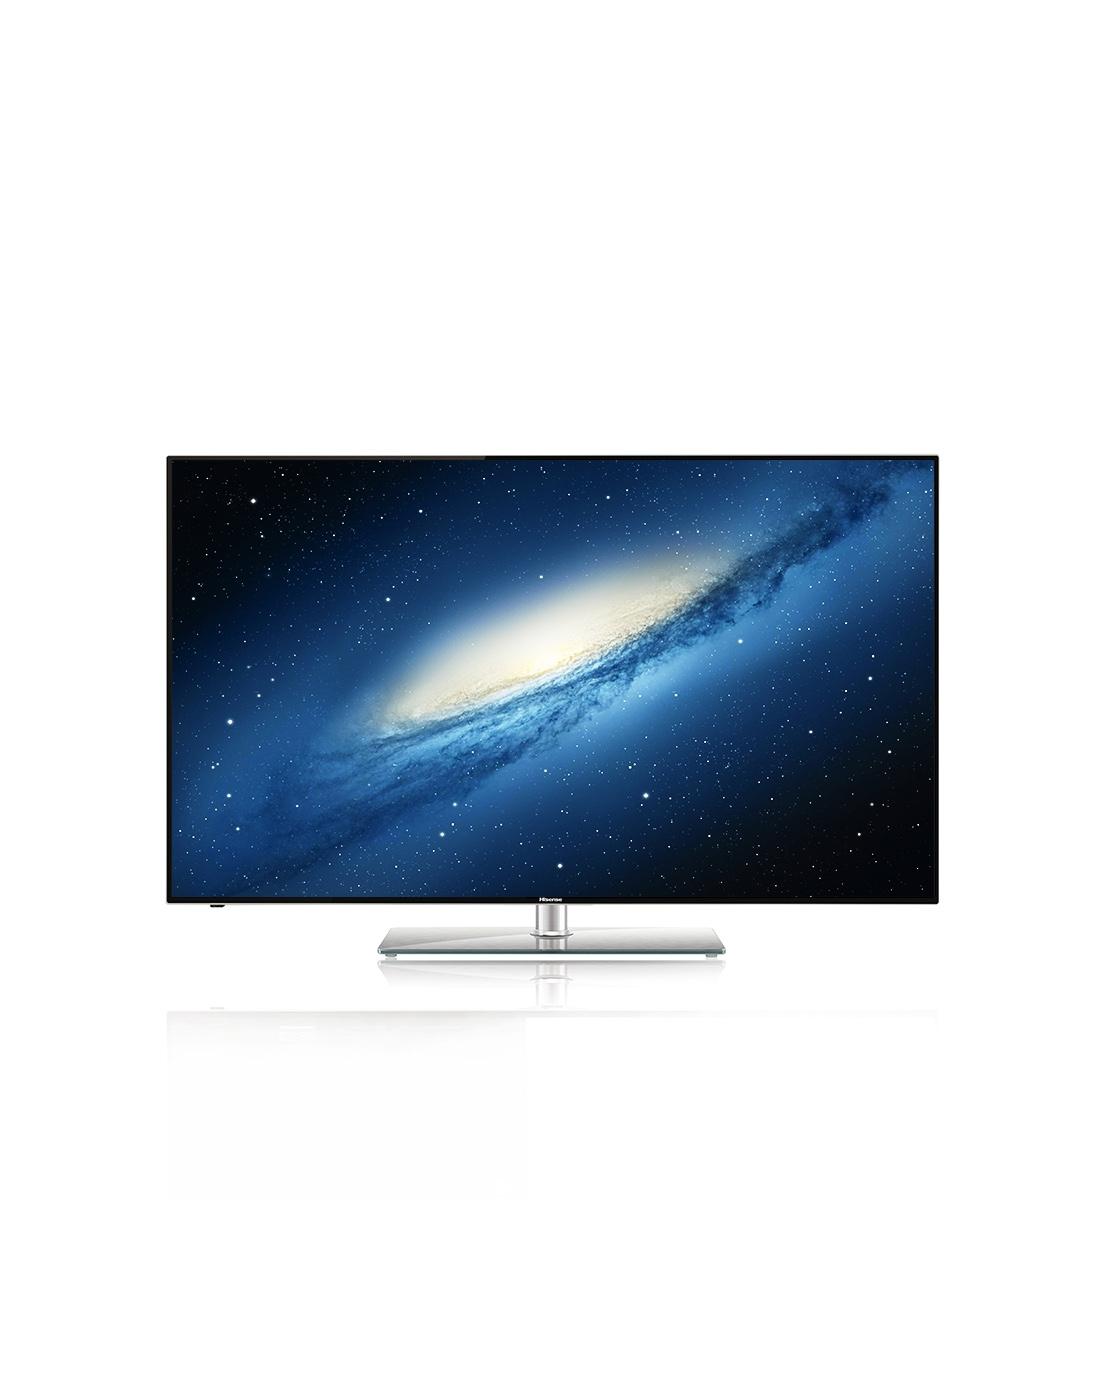 海信hisense电器专场 > 爆款65寸4k超高清云智能网络3d电视